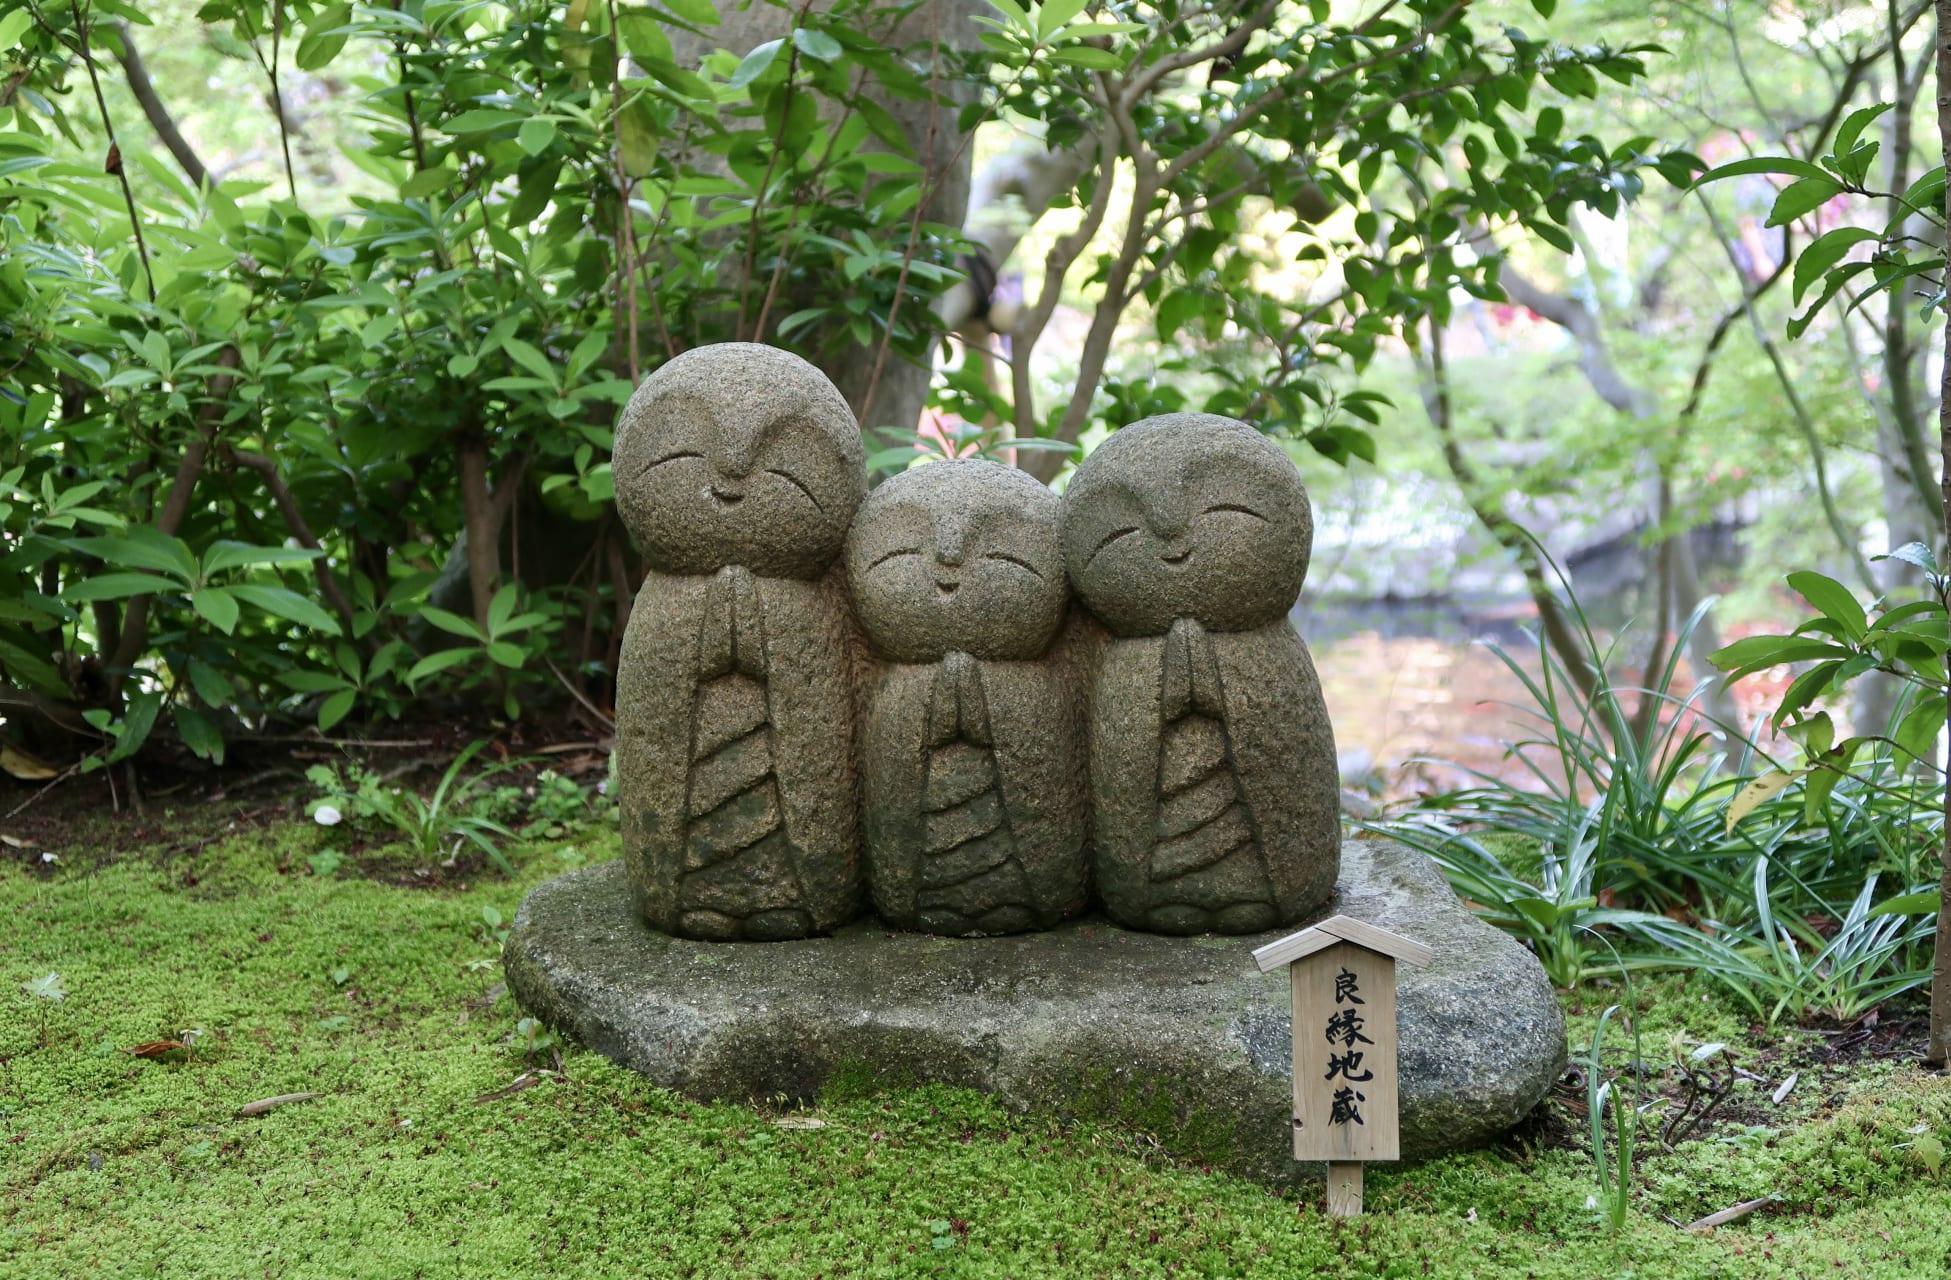 Kanagawa - The Most Beautiful Temple in Kamakura